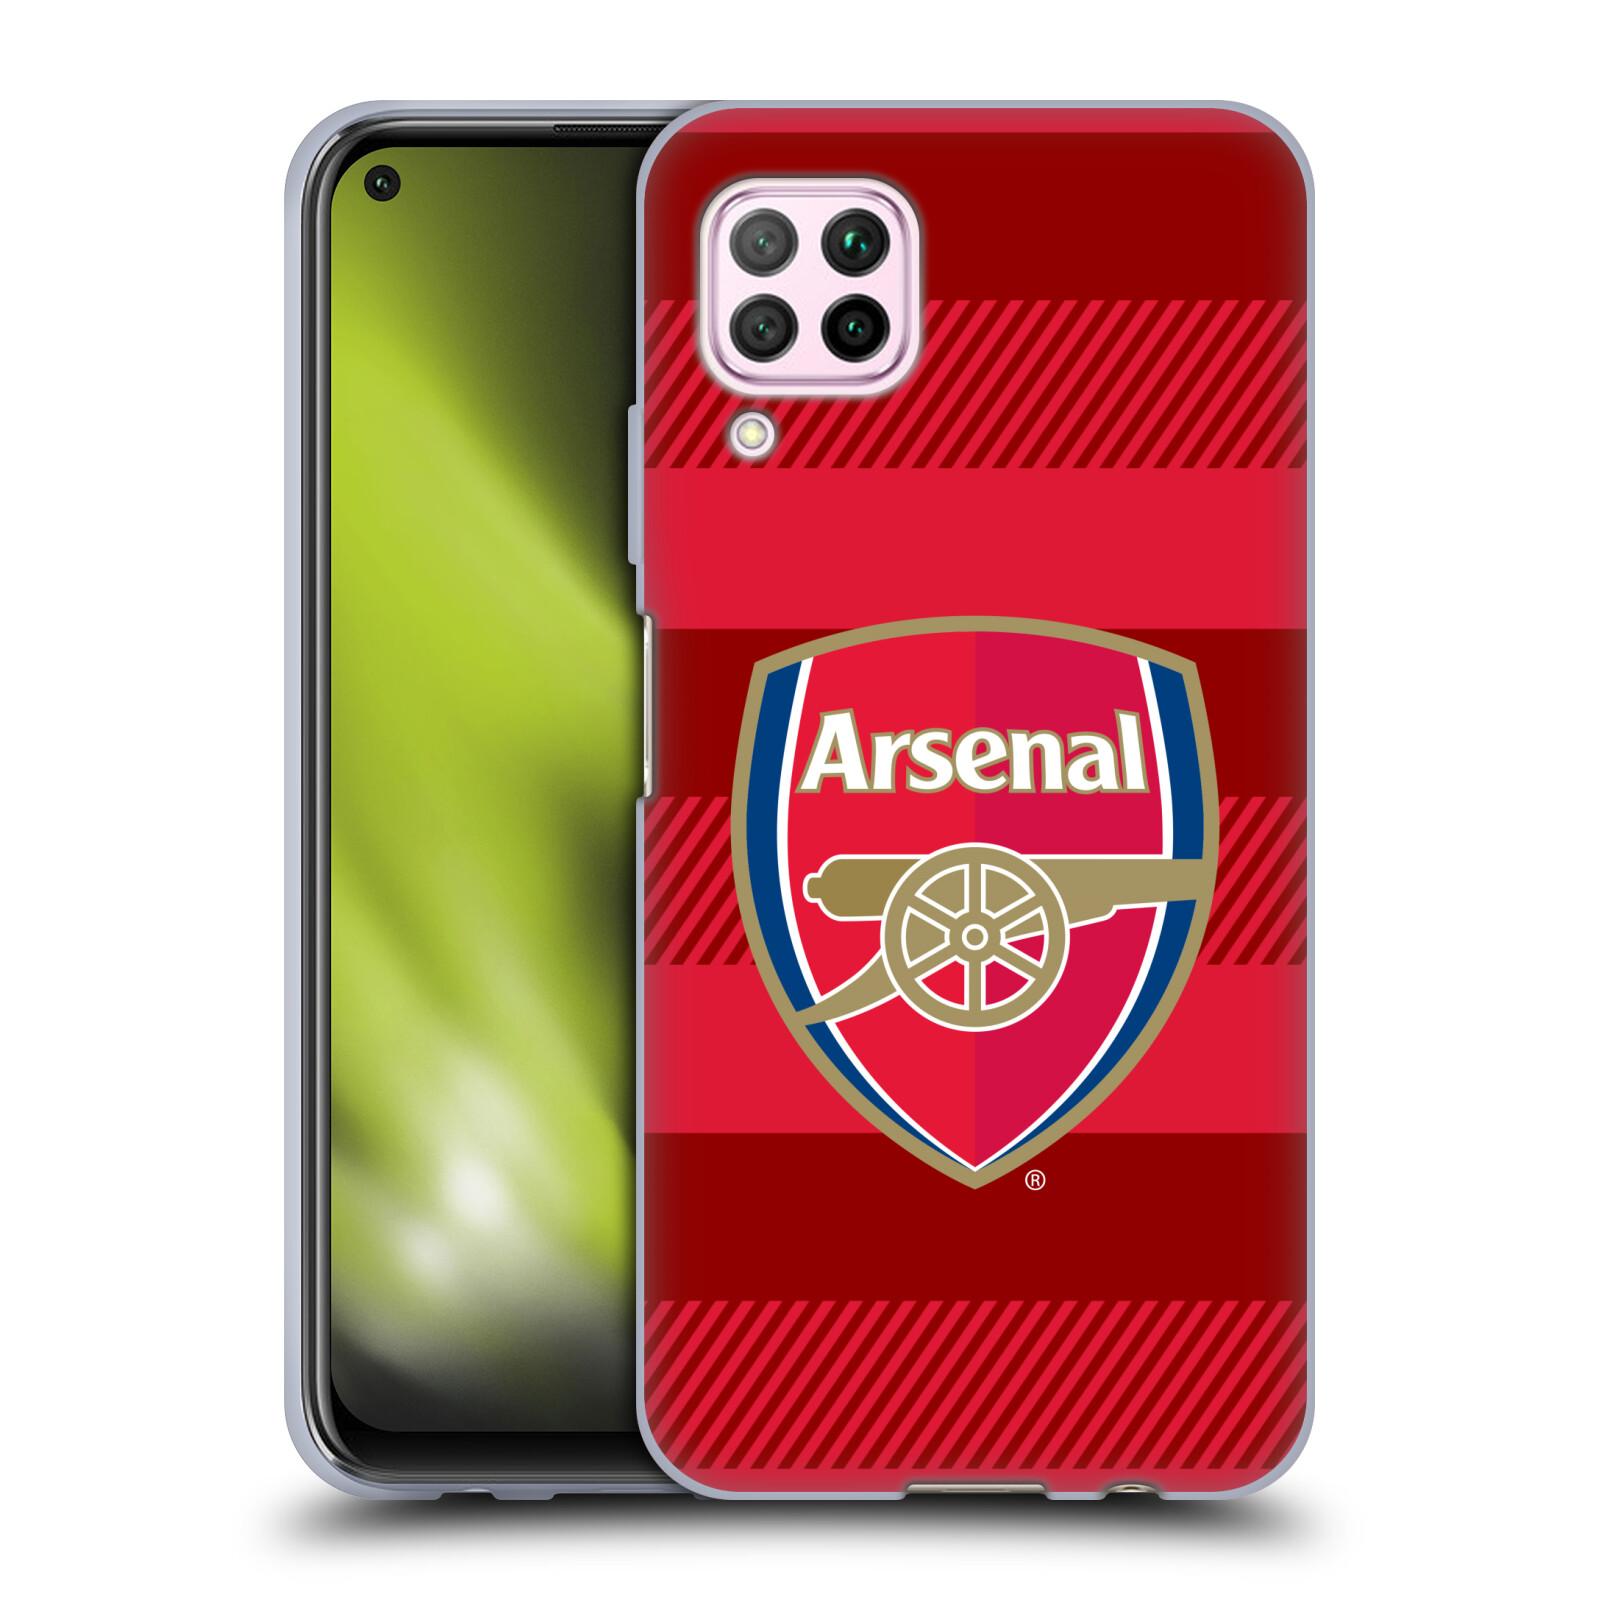 Silikonové pouzdro na mobil Huawei P40 Lite - Head Case - Arsenal FC - Logo s pruhy